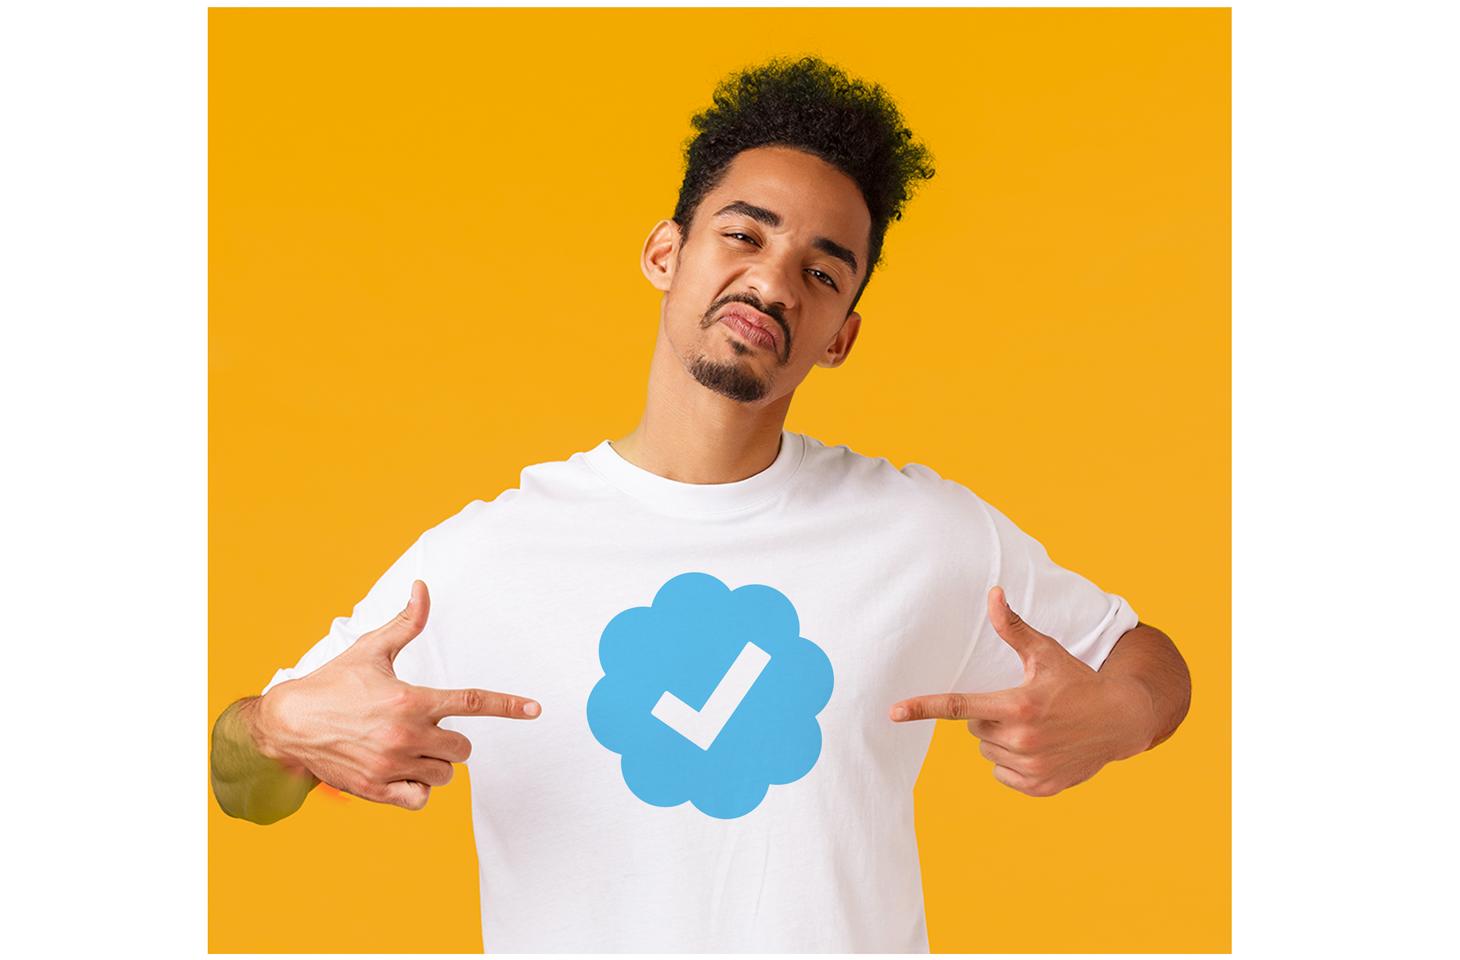 Как отличить настоящий аккаунт бренда в Twitter от подделки | Блог Касперского